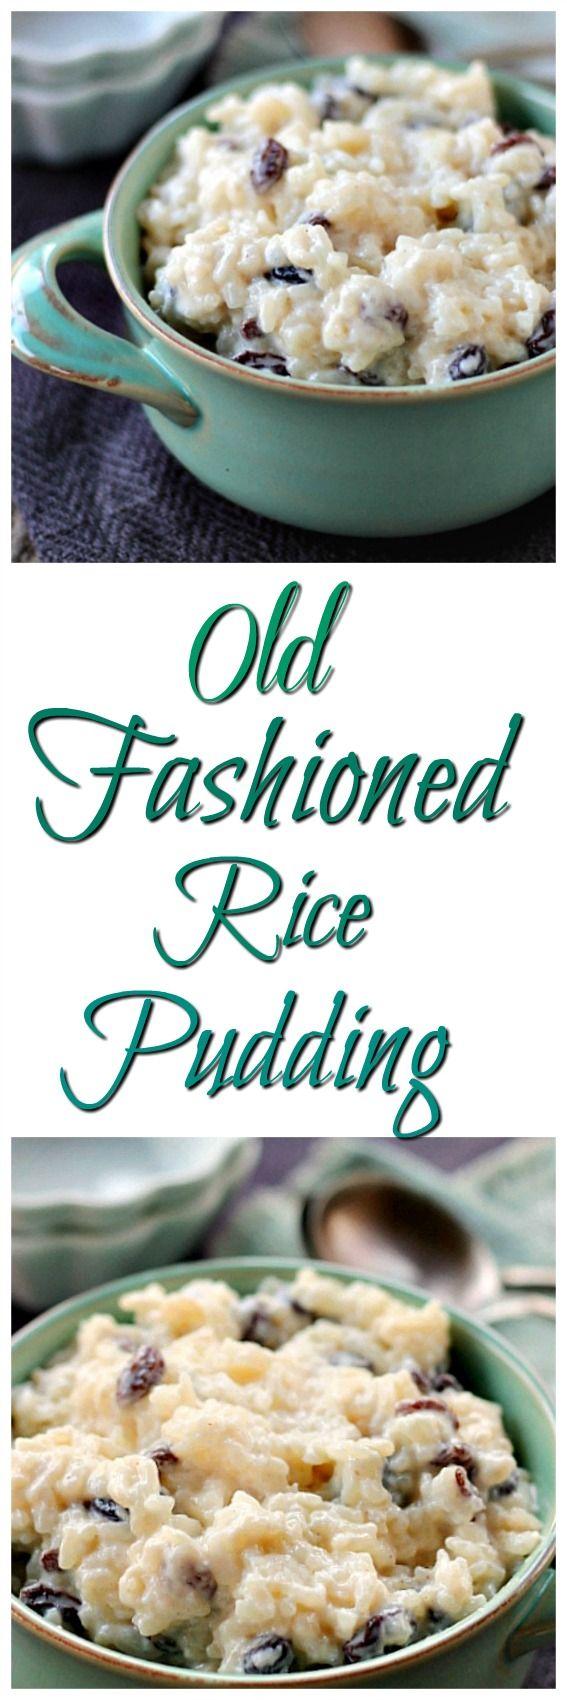 Old Fashioned Rice Pudding! Format pour les descriptions  snack/journée #1 et tous les journee apres Legumes et fruits:1 Produits céréaliers: 3 Lait et substituts: 1 Viandes et substituts:0